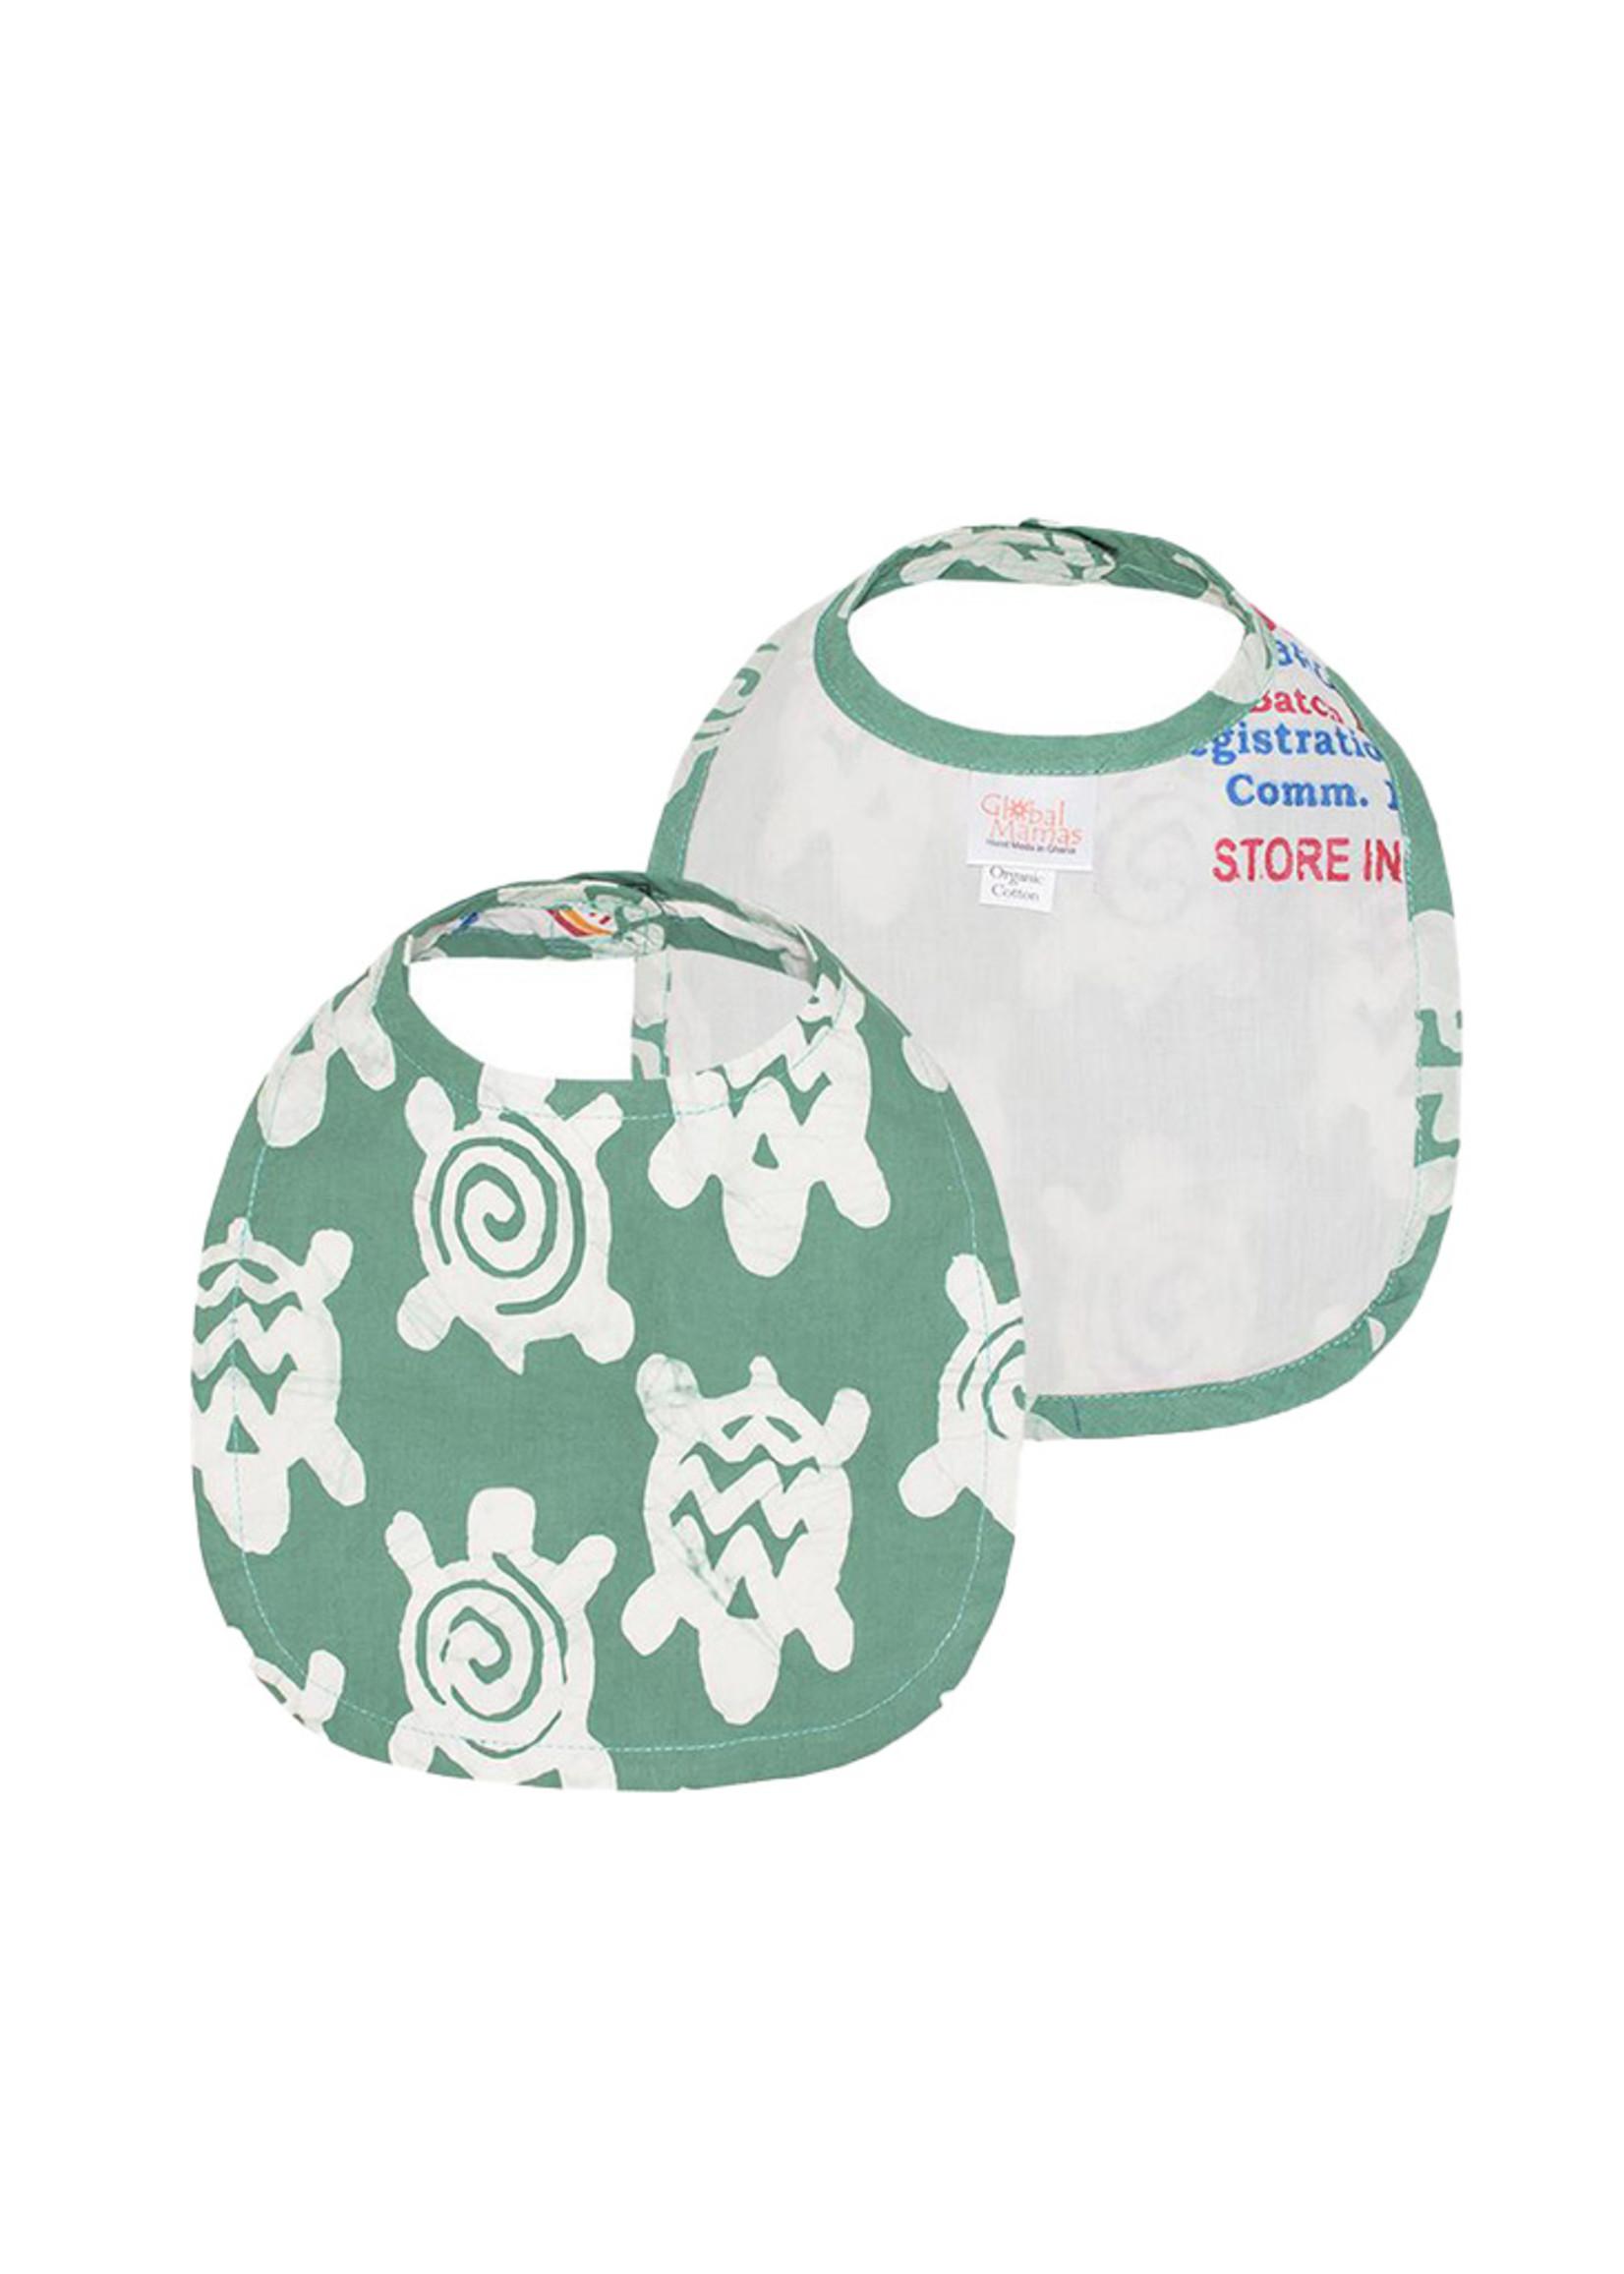 Global Mamas Sage Green Turtle Bib